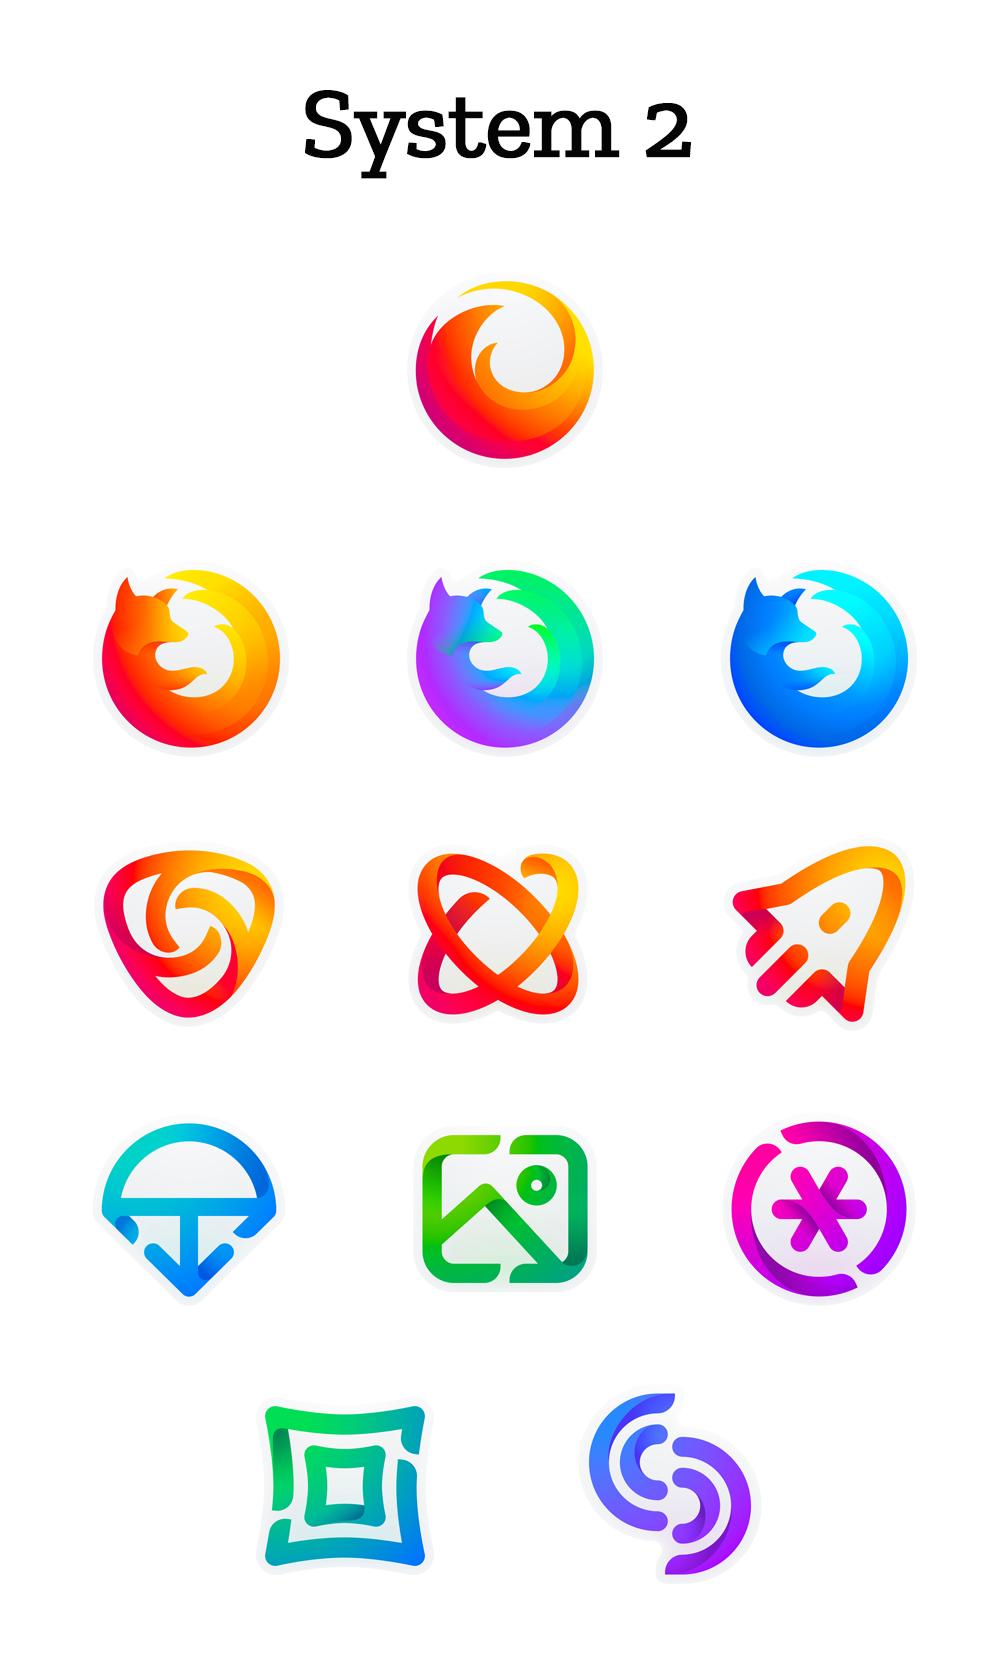 Η Mozilla ξεκινάει την επανασχεδίαση του λογότυπου του Firefox, προτείνει νέες εικονες  Mozill11